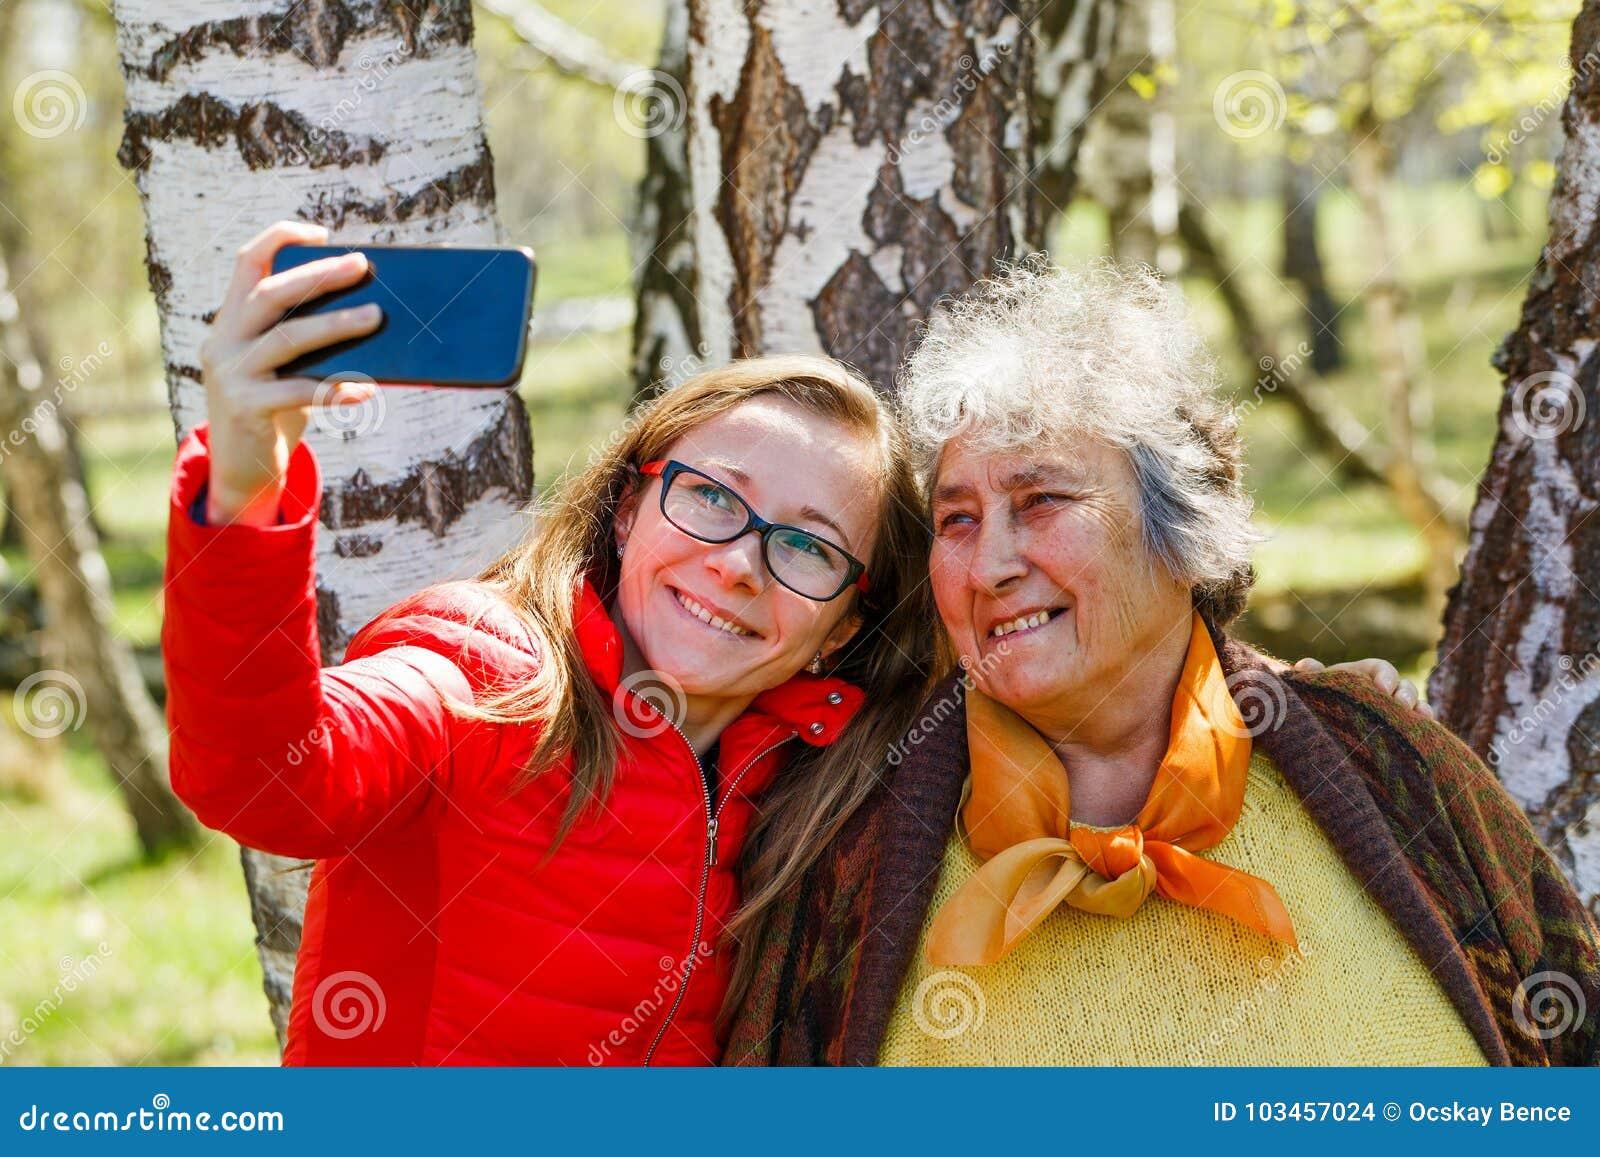 Ευτυχής ηλικιωμένη γυναίκα με την κόρη της